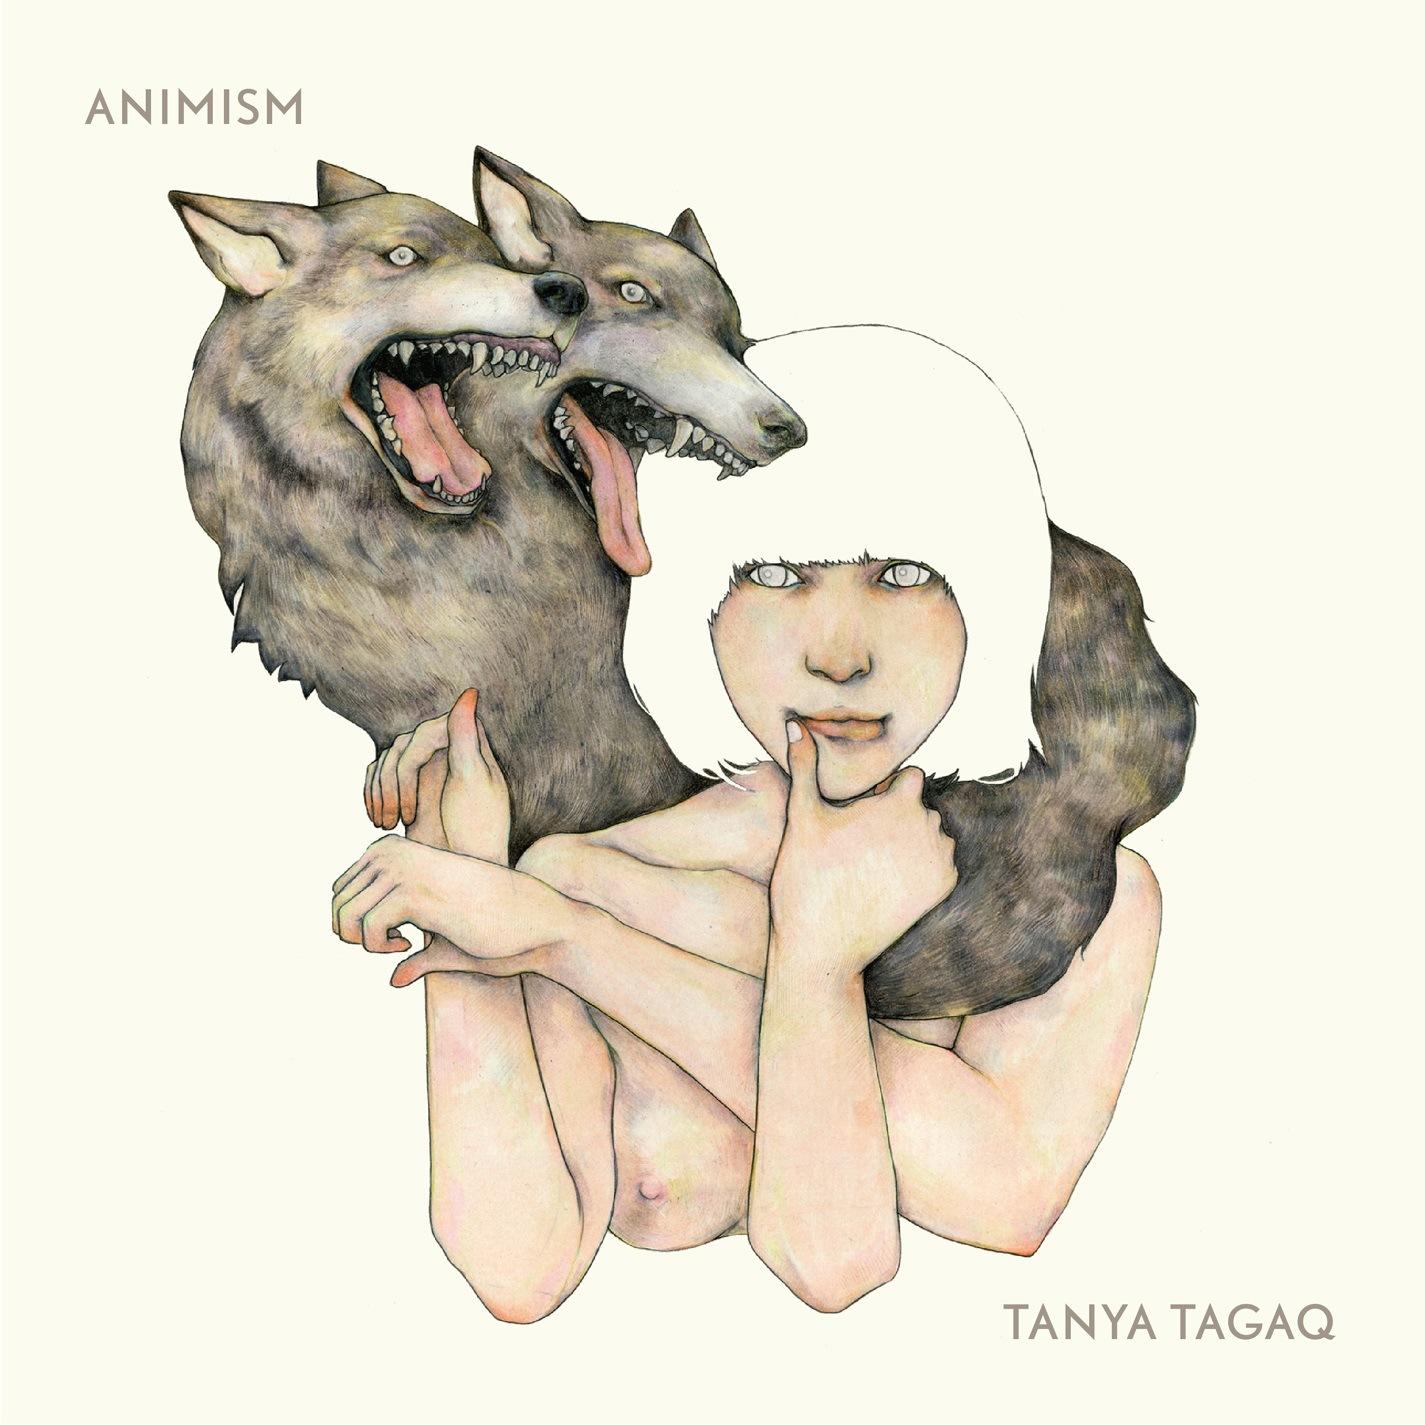 Animism – Tanya Tagaq